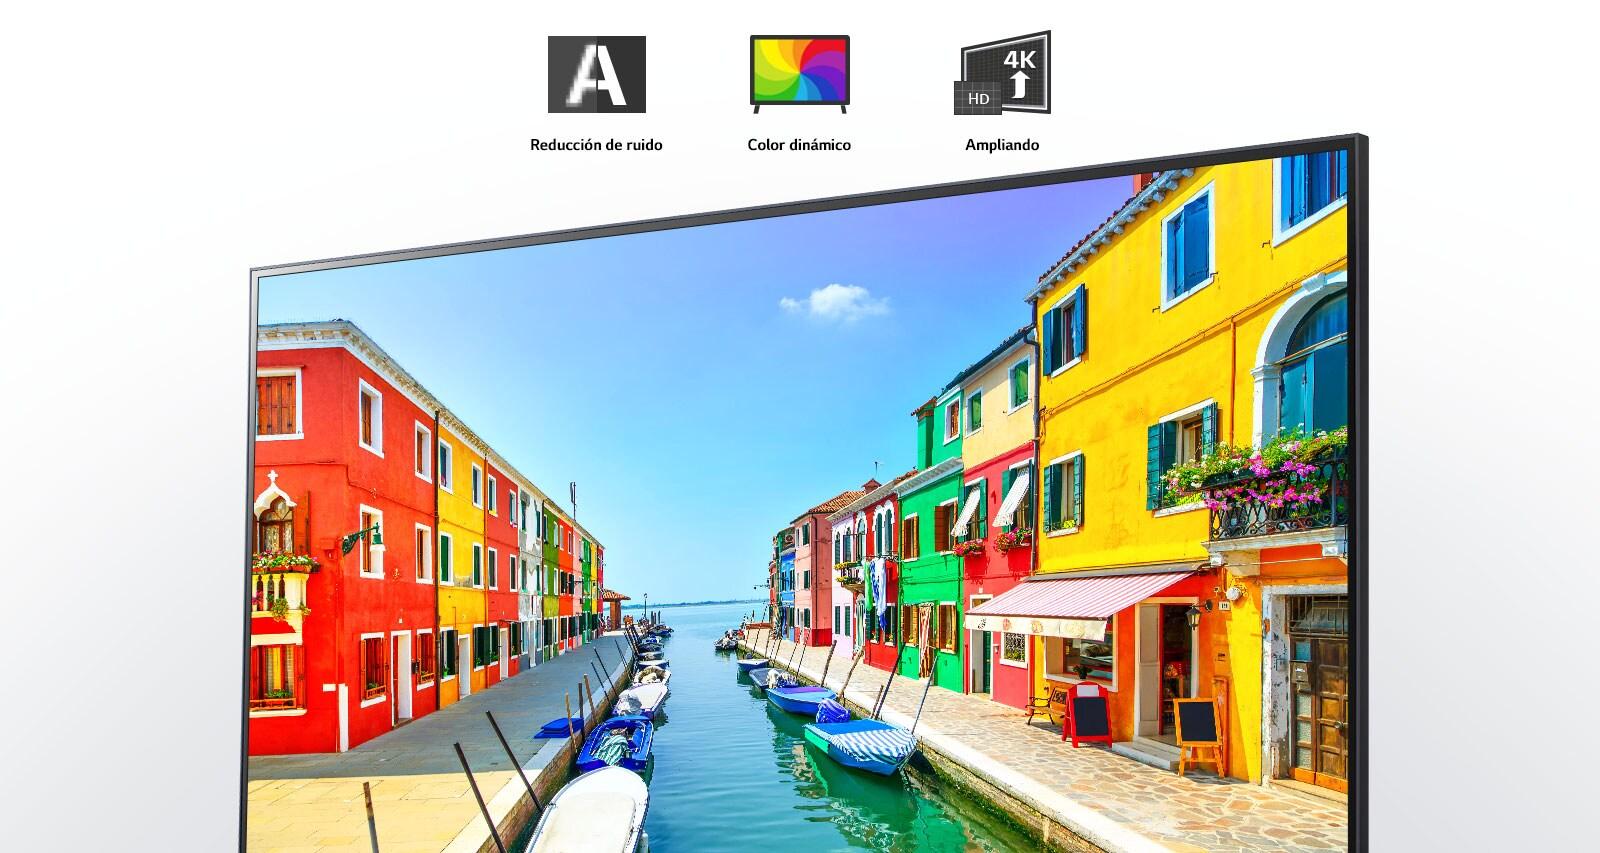 Una pantalla de televisión que muestra una ciudad portuaria donde los edificios están pintados de múltiples colores y los pequeños barcos están anclados en un puerto largo y estrecho.